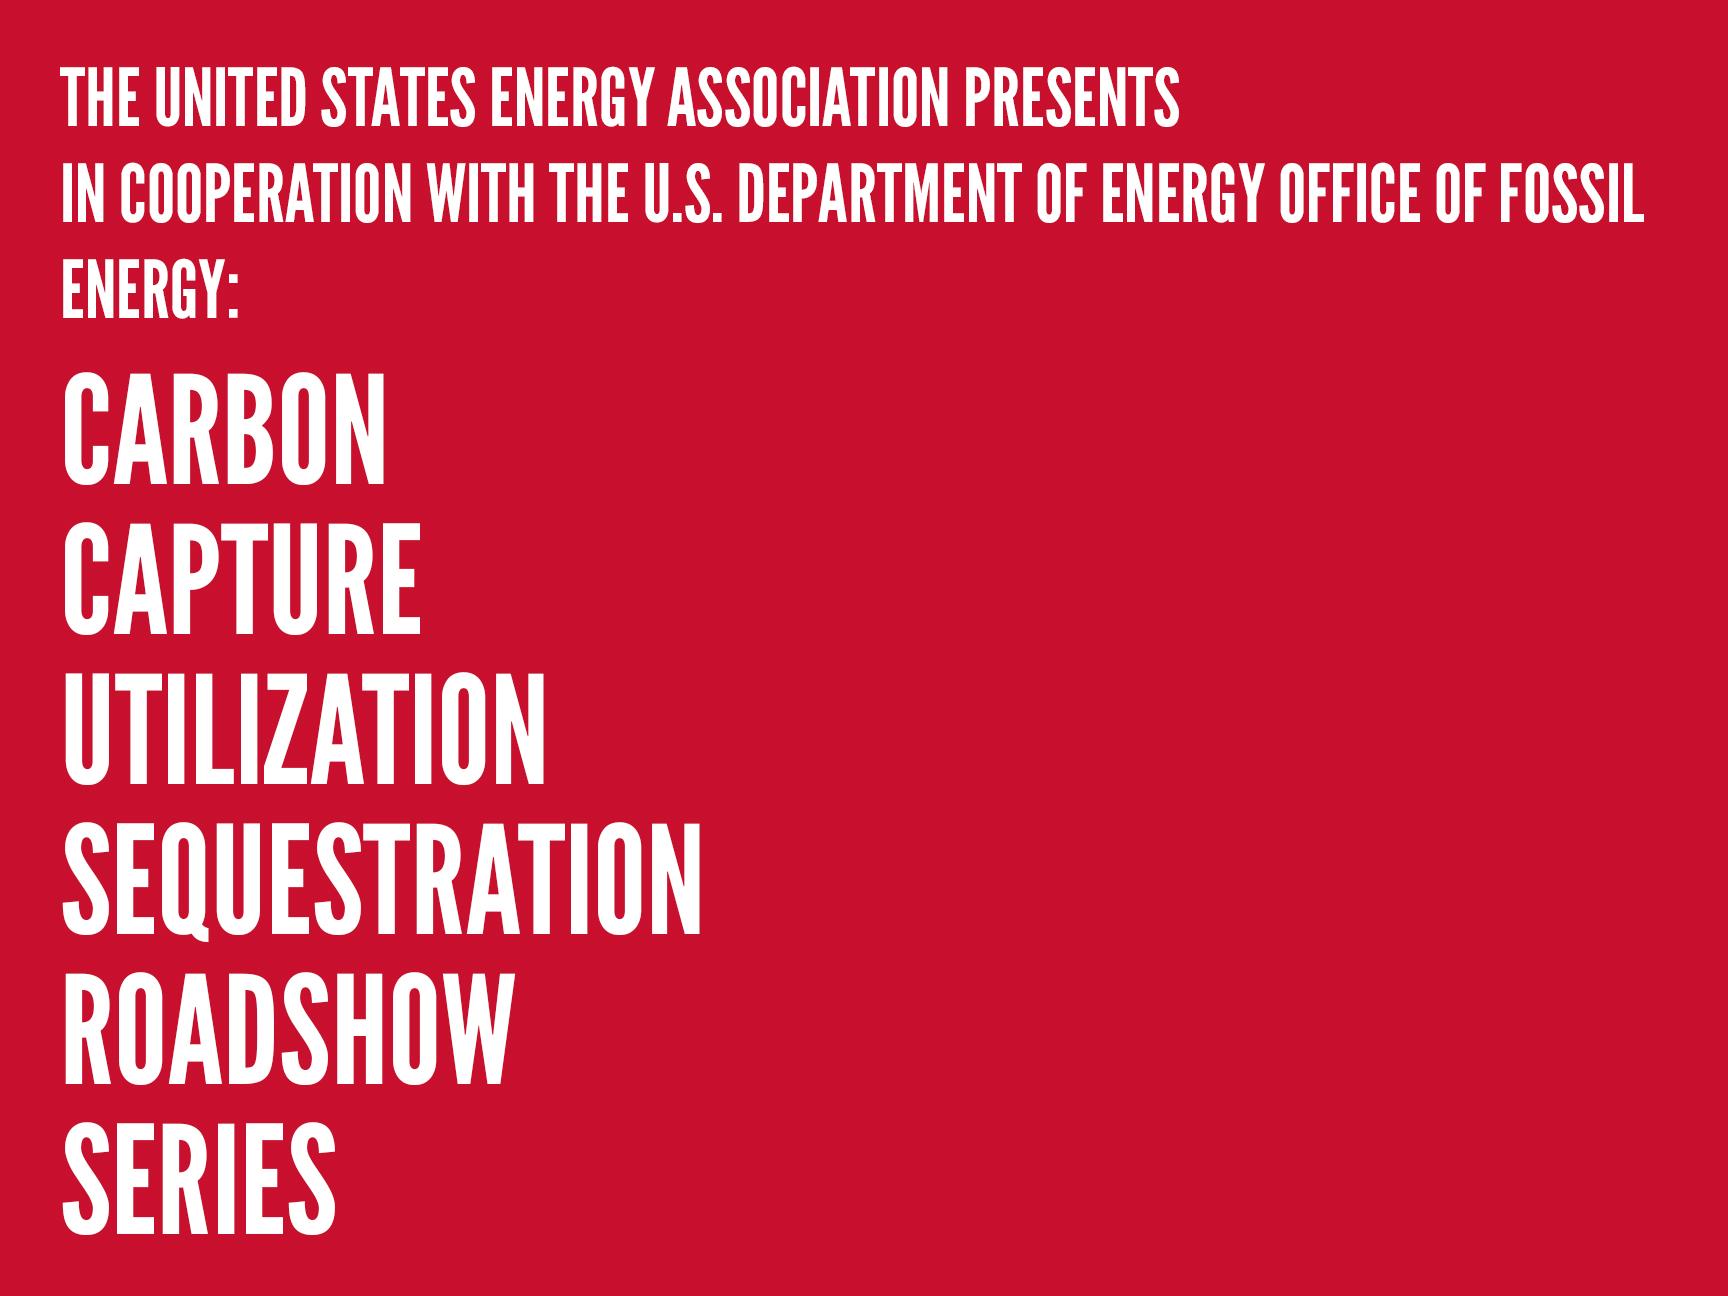 Carbon Capture Utilization and Sequestration Roadshow, Washington, D.C. Workshop Image